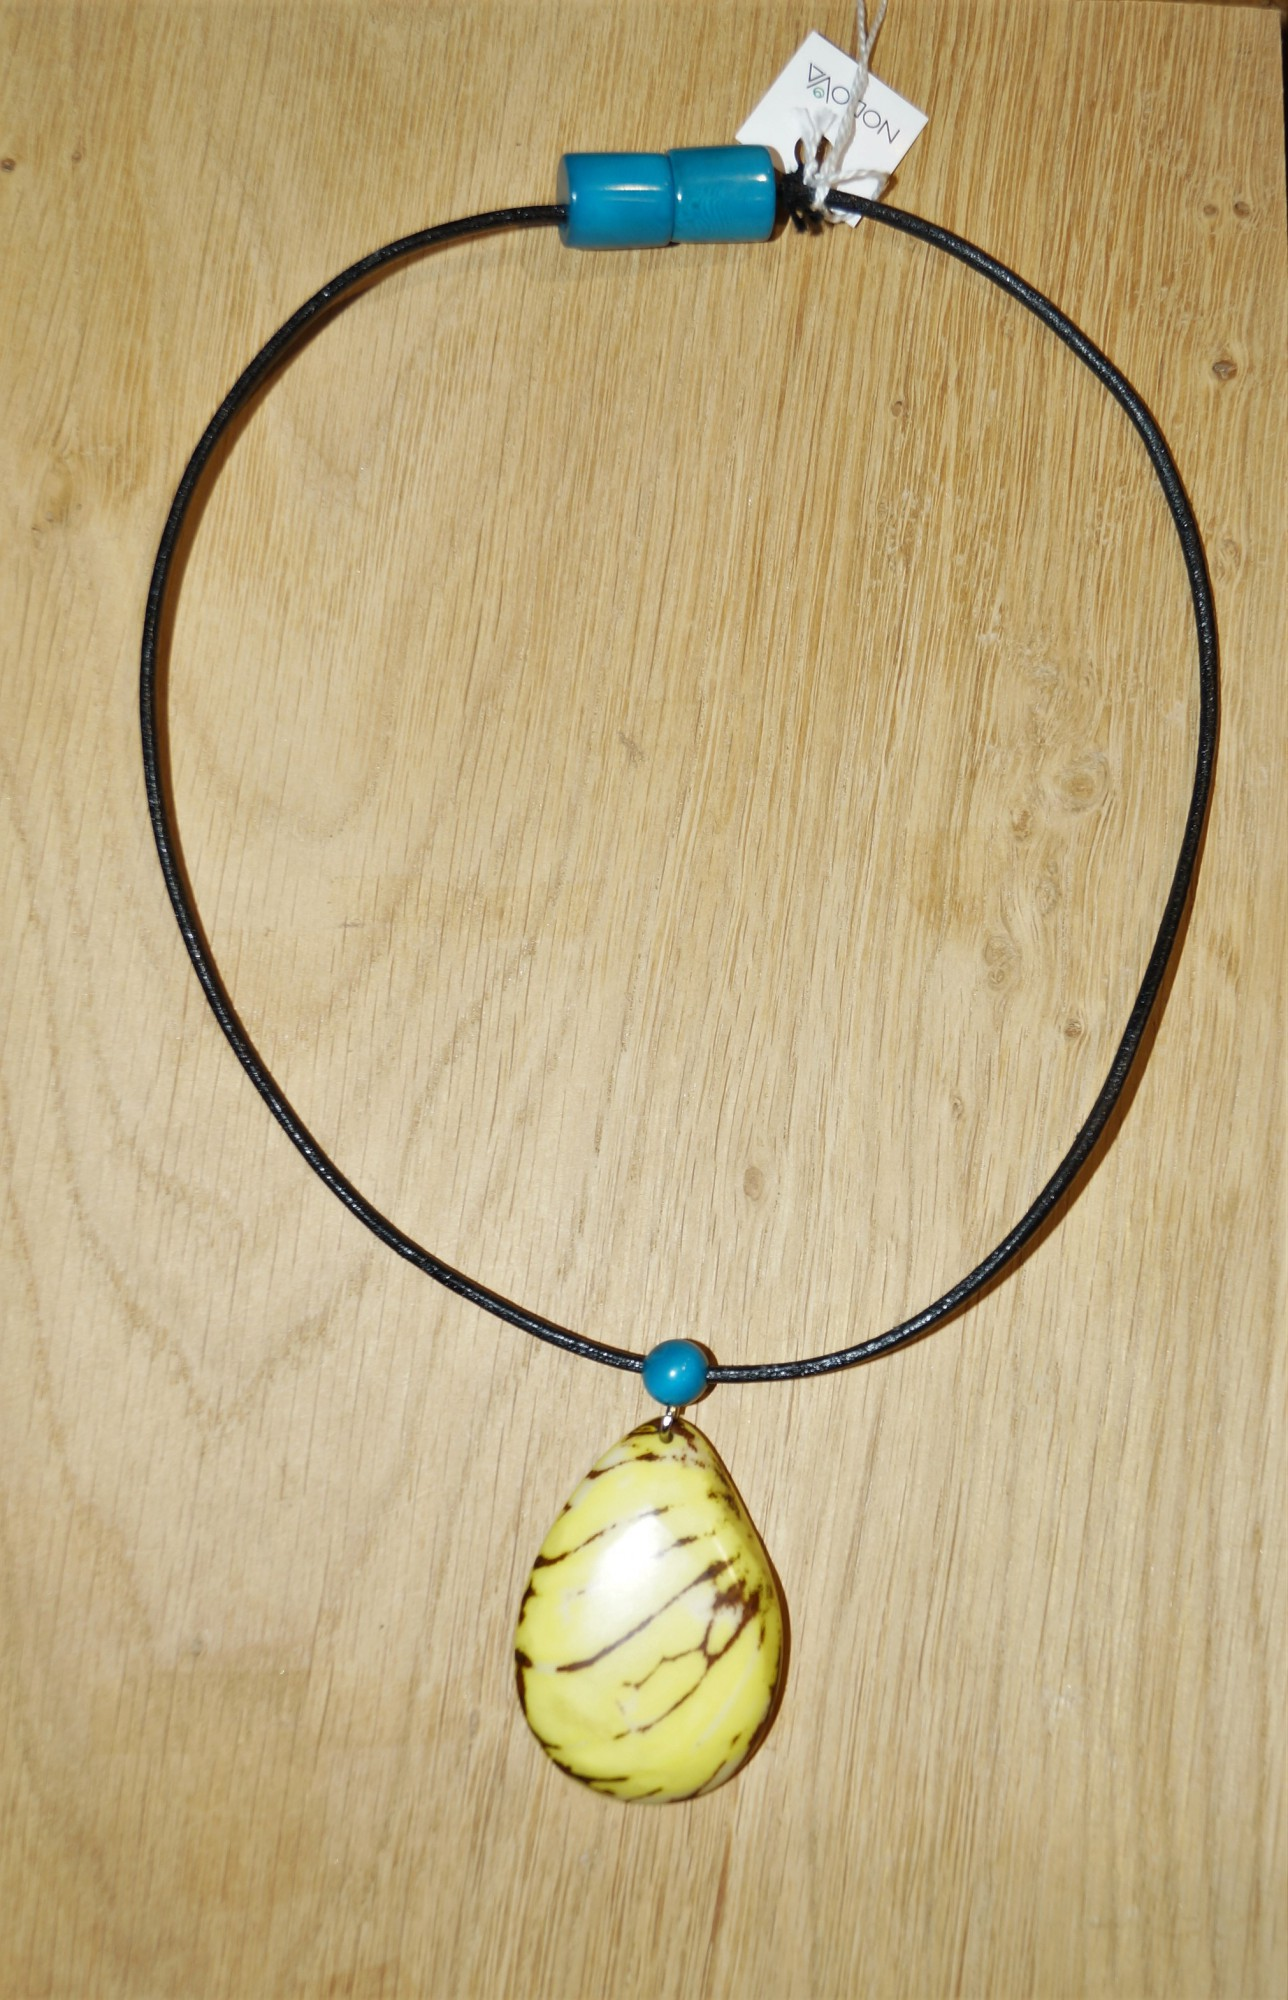 Necklace Nodova in vegetable ivory, turquoise Niobe anise